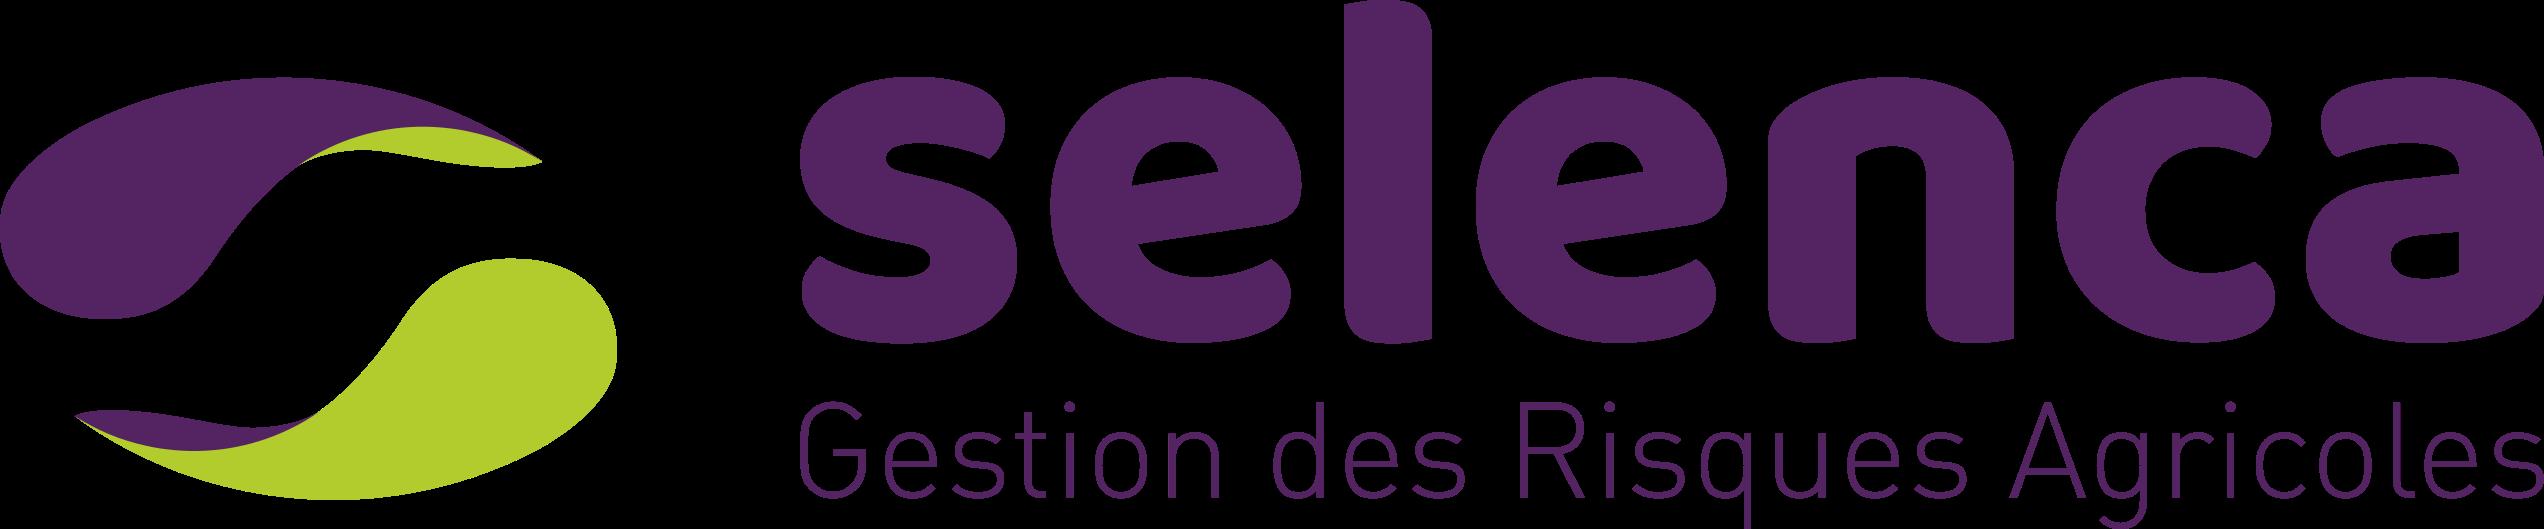 Logo Selenca